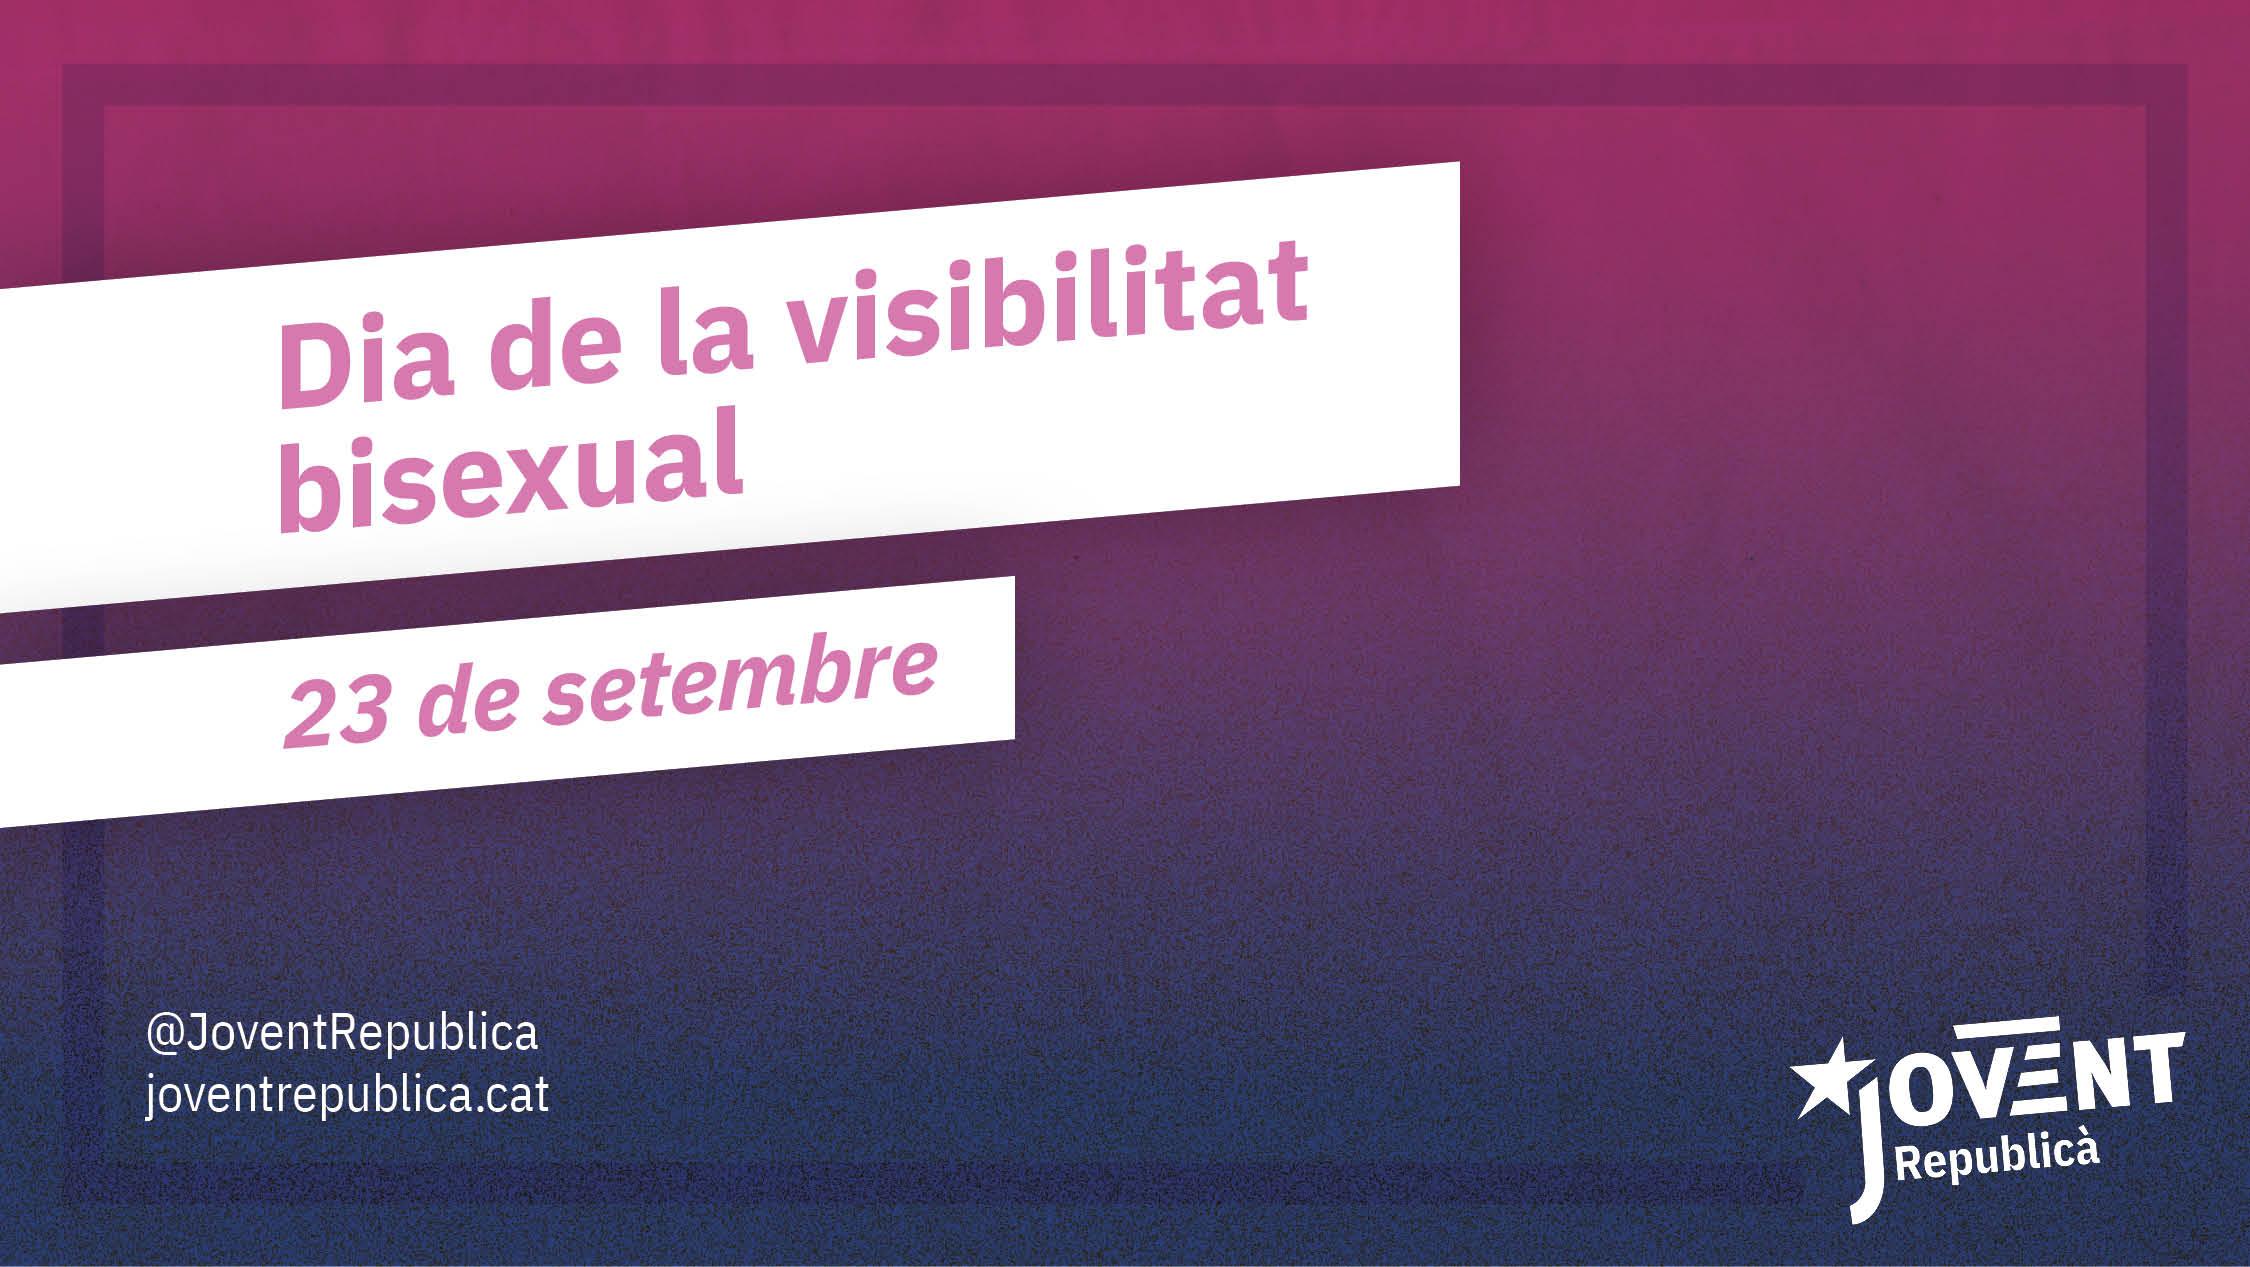 Cal combatre la invisibilització del col·lectiu bisexual!